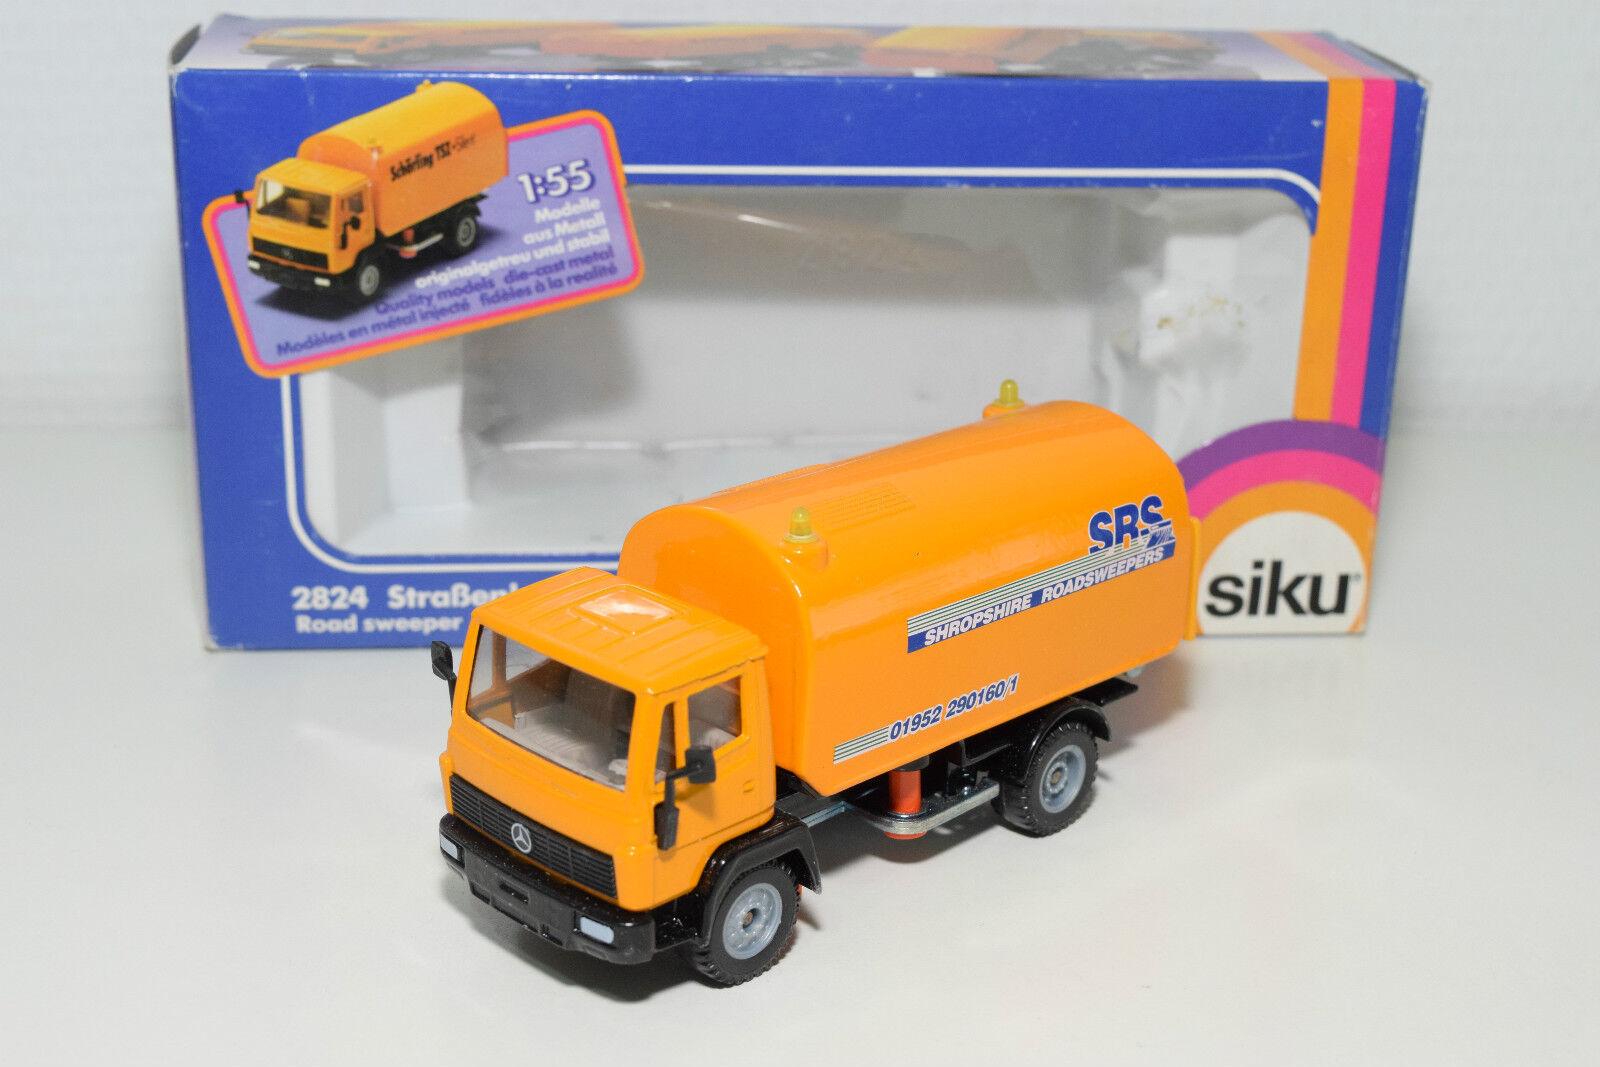 SIKU 2824 MERCEDES BENZ ROAD SWEEPER SRS SHROPSHIRE ROADSWEEPERS MINT BOXED